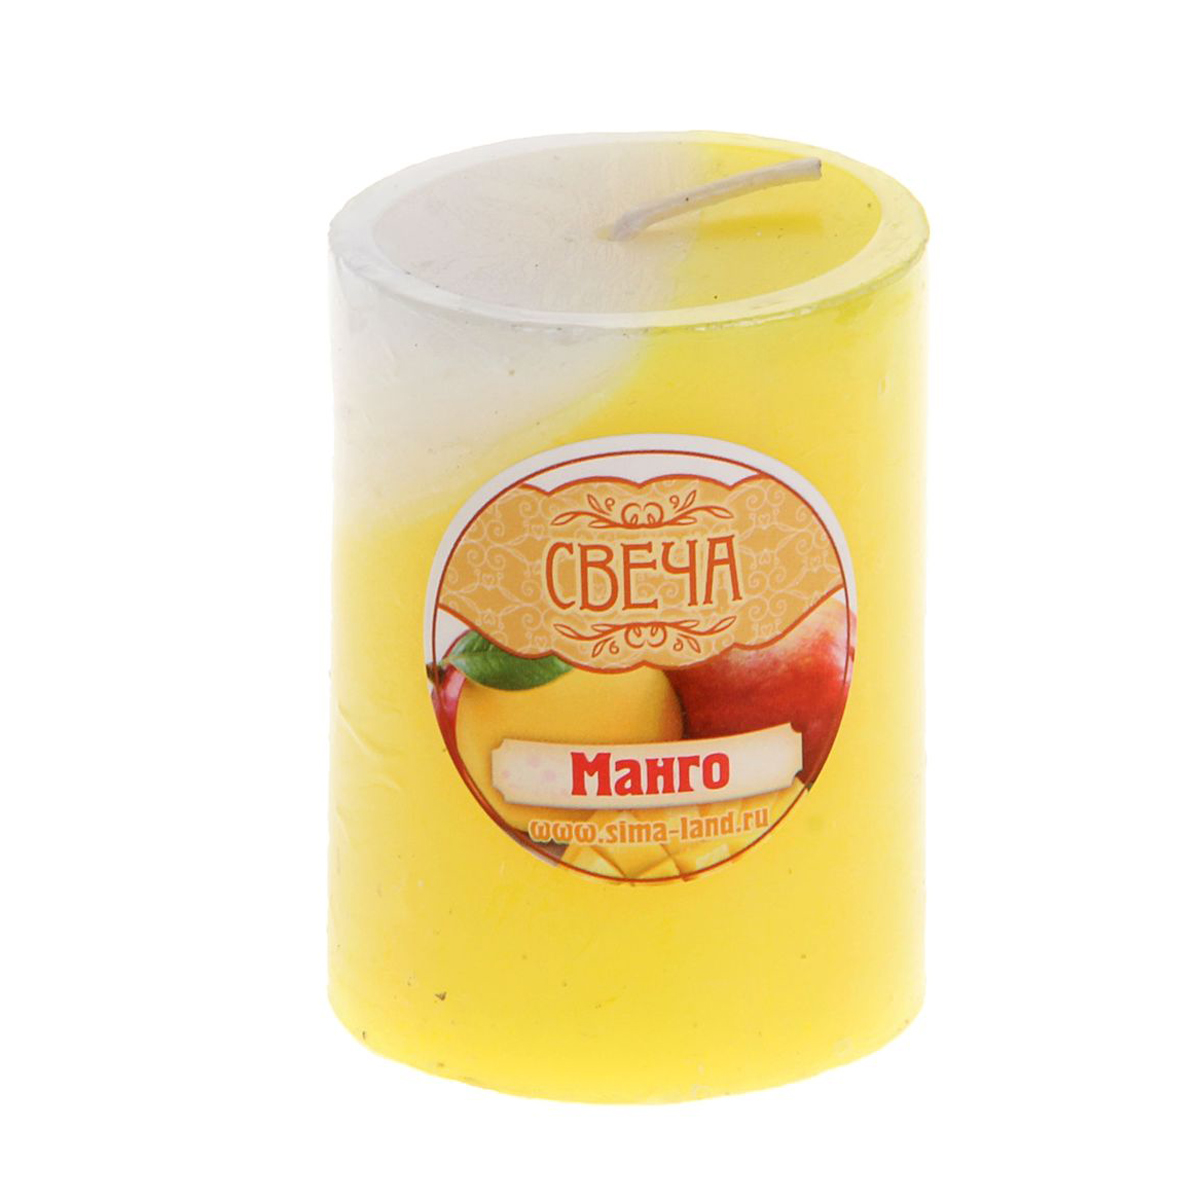 Свеча ароматизированная Sima-land Манго, высота 6 смБрелок для ключейСвеча Sima-land Манго выполнена из воска в виде столбика. Свеча порадует ярким дизайном и сочным ароматом манго, который понравится как женщинам, так и мужчинам. Создайте для себя и своих близких незабываемую атмосферу праздника в доме. Ароматическая свеча Sima-land Манго раскрасит серые будни яркими красками.